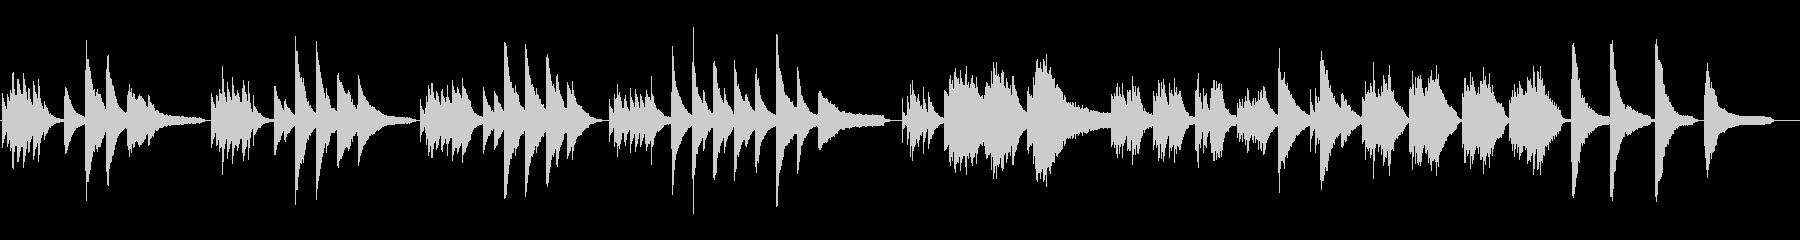 ピアノソロの鬱な曲想_filterなしの未再生の波形